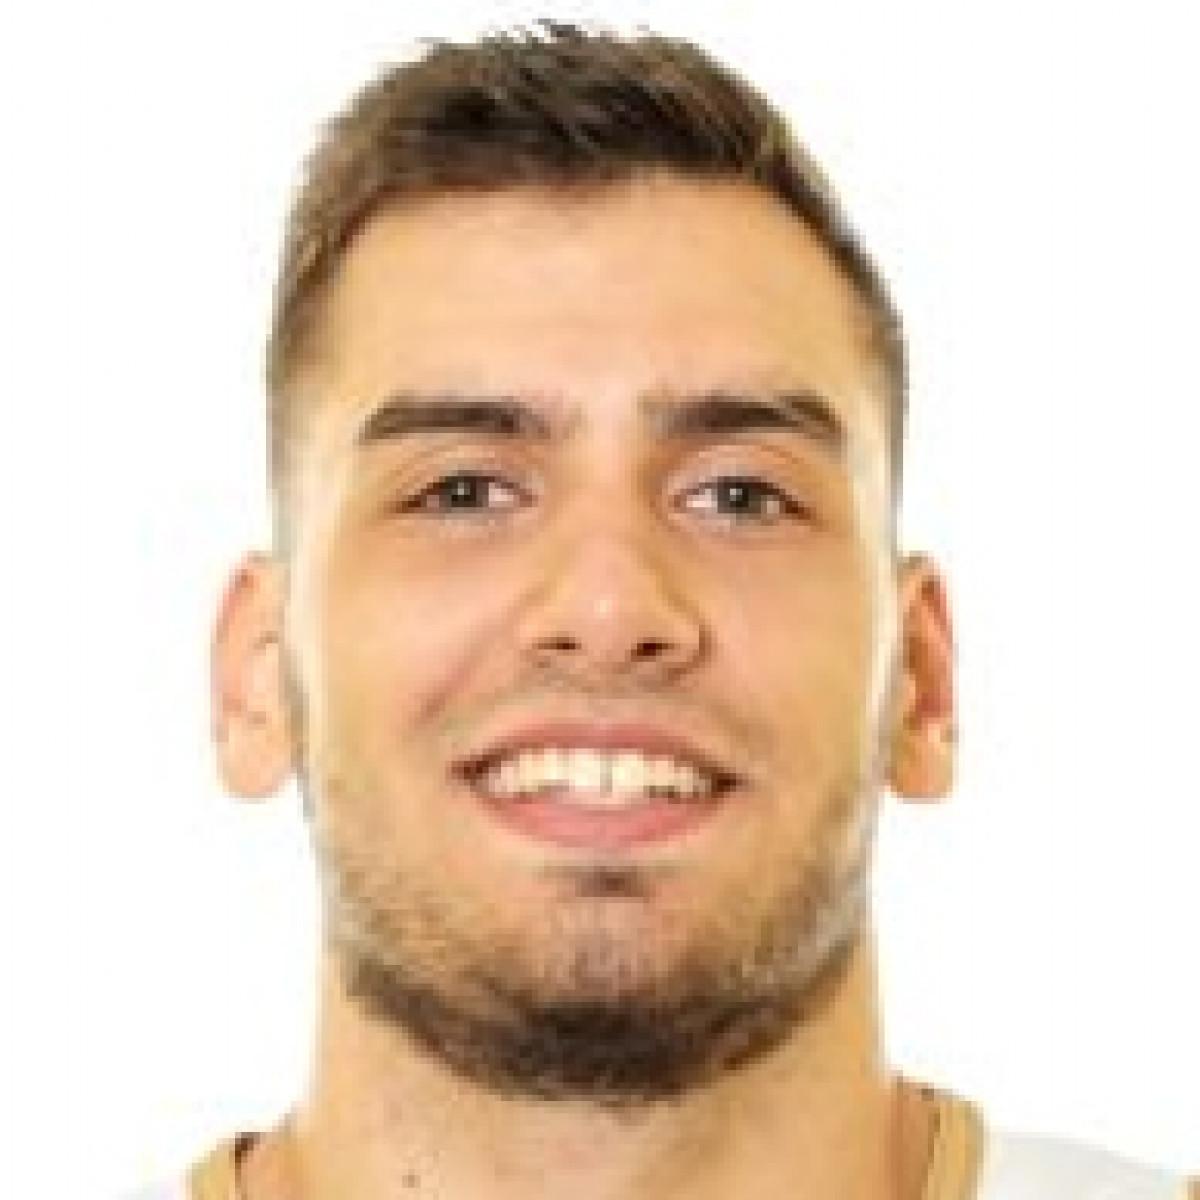 Veljko Dragasevic